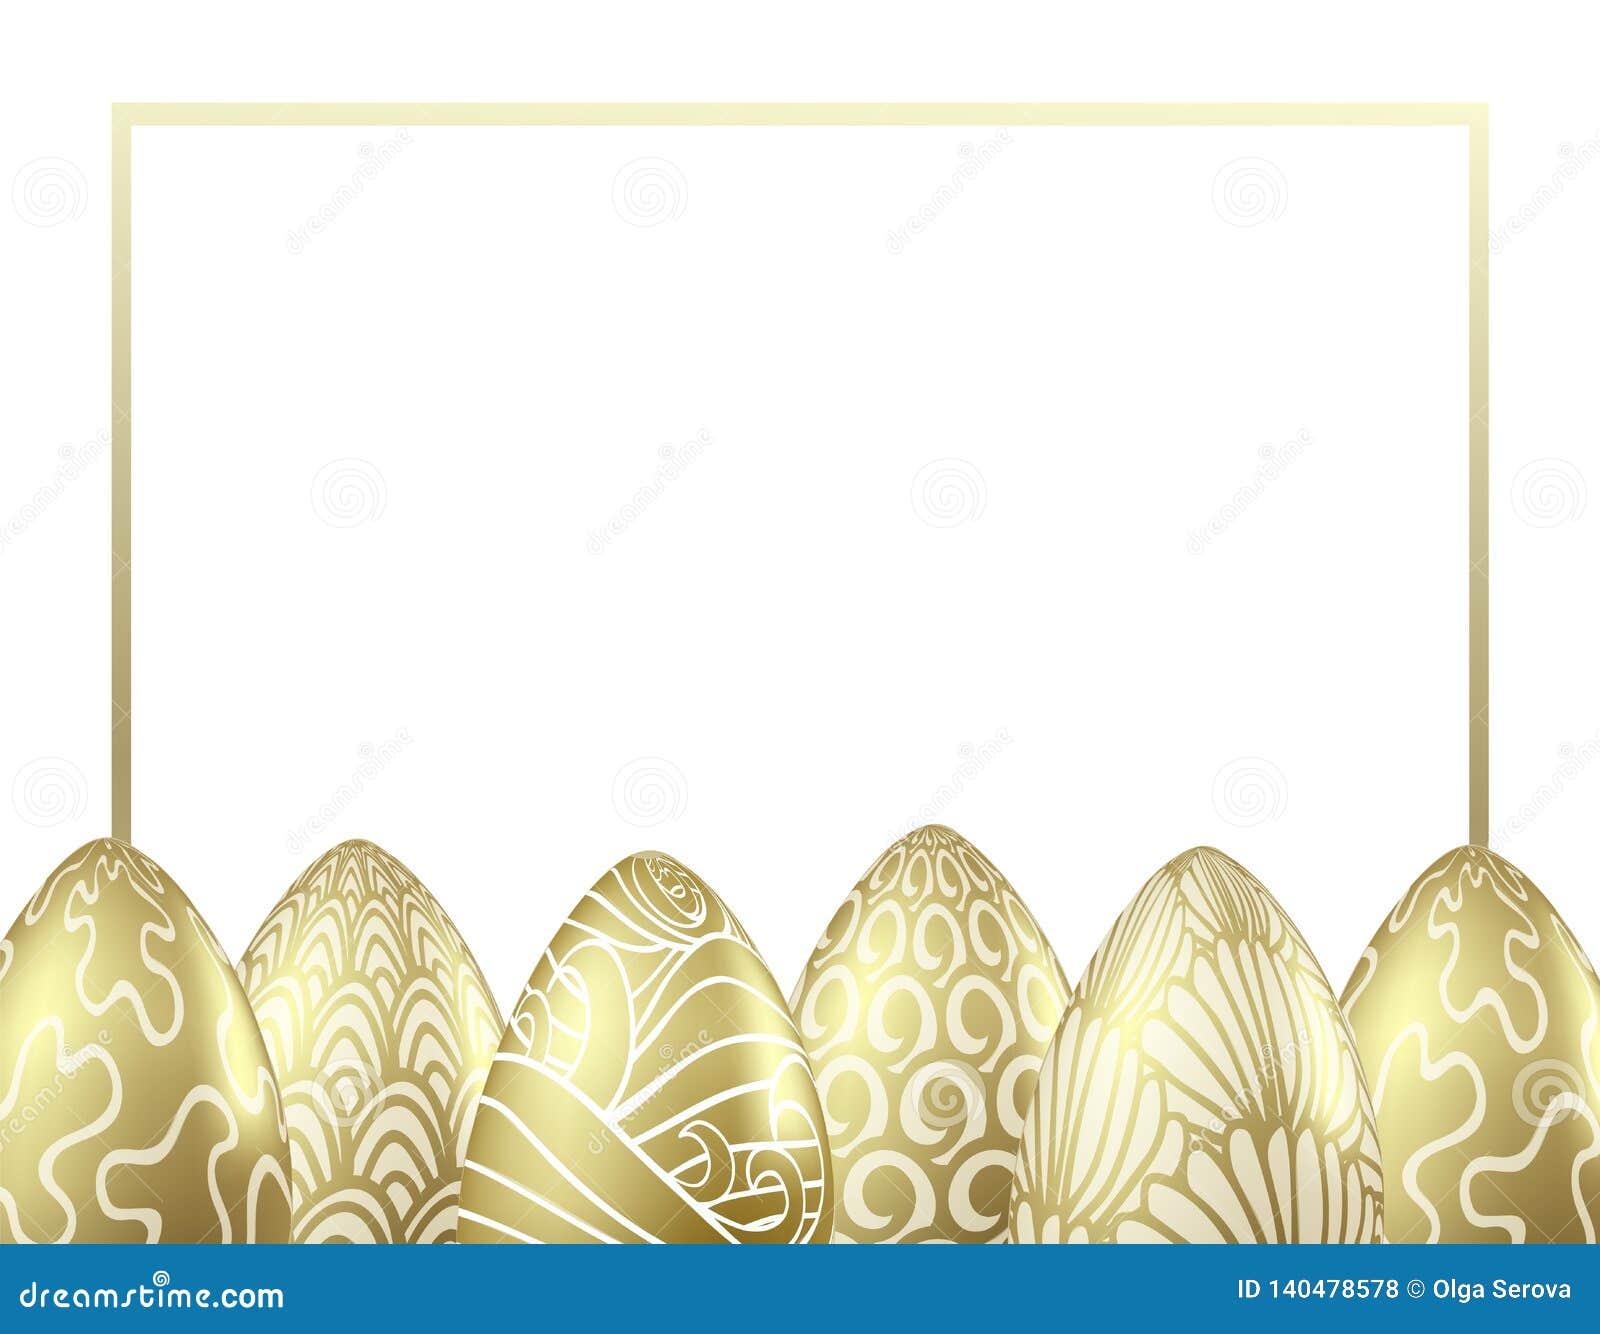 Шаблон дизайна вектора с реалистическими золотыми пасхальными яйцами